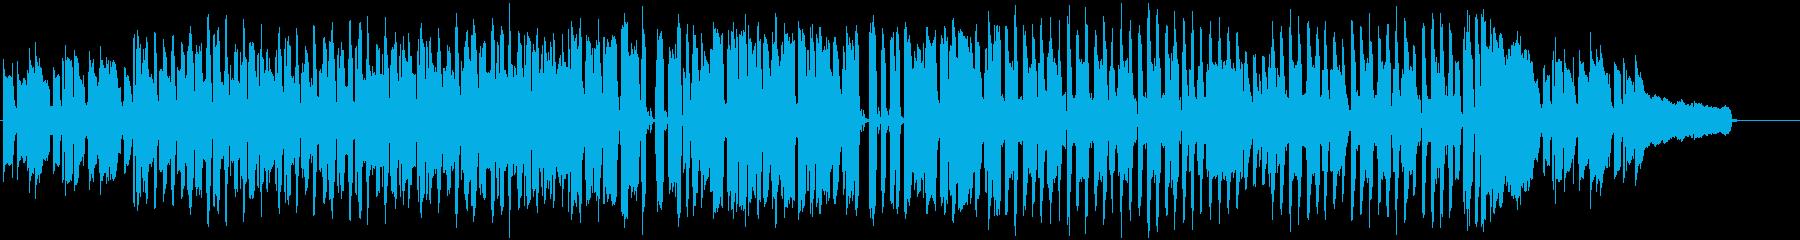 素朴でのんびりした曲の再生済みの波形